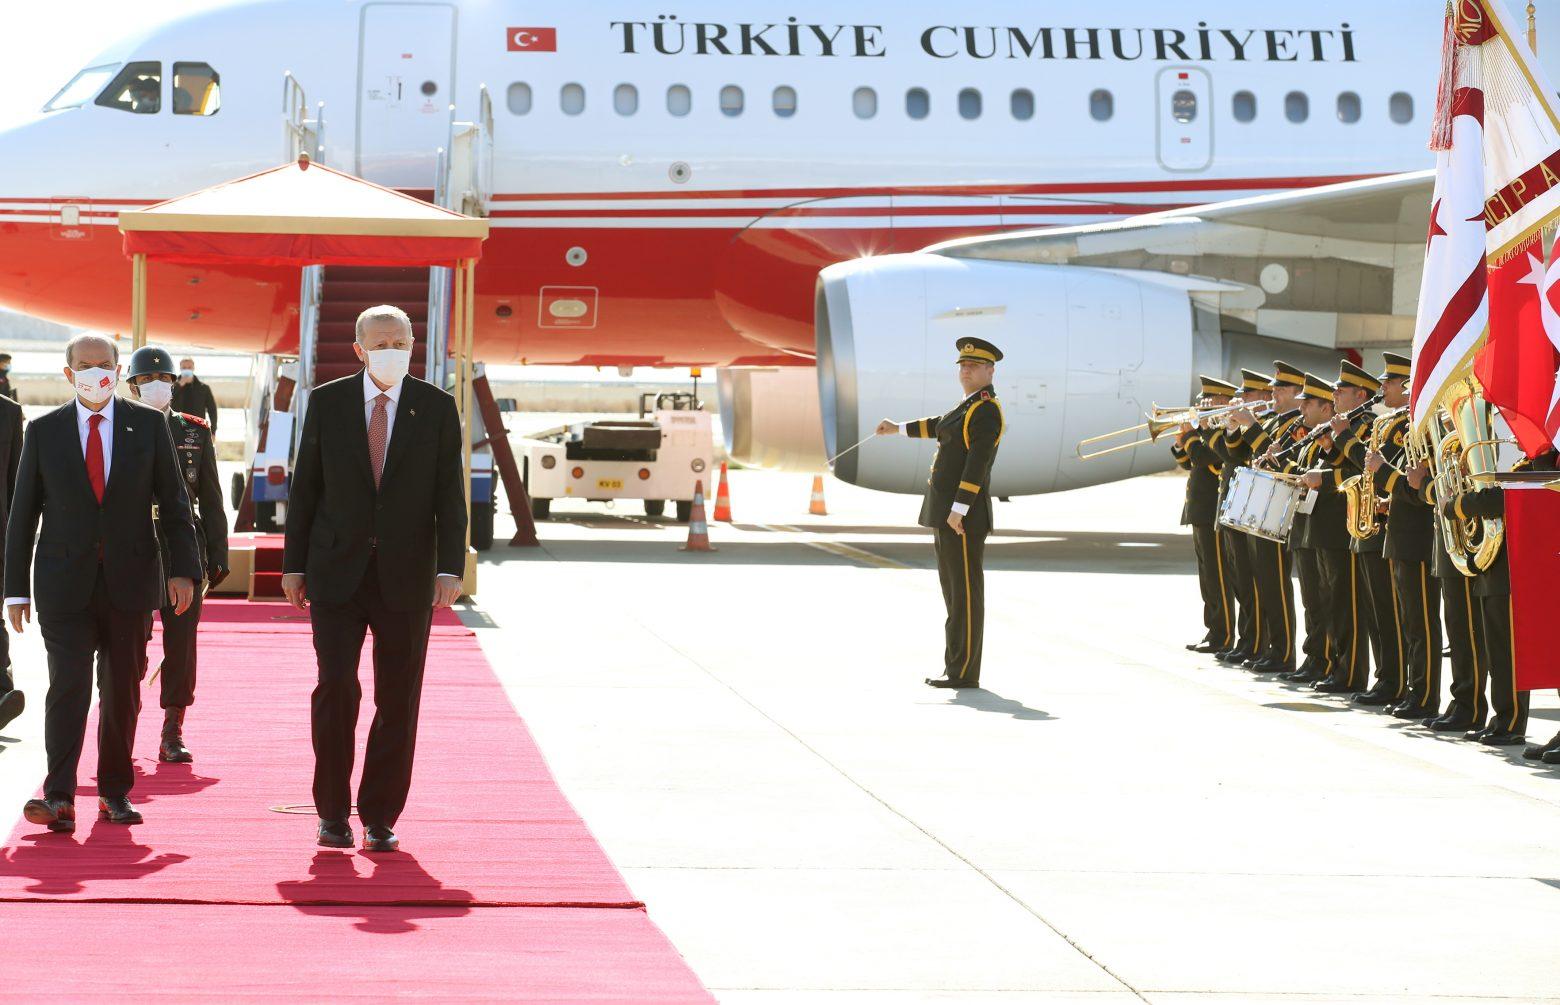 Θα γινόμασταν Κρήτη»: «Εμφύλιος» στα κατεχόμενα - «Προδότες» όσοι  περιφρονούν τον Ερντογάν   in.gr